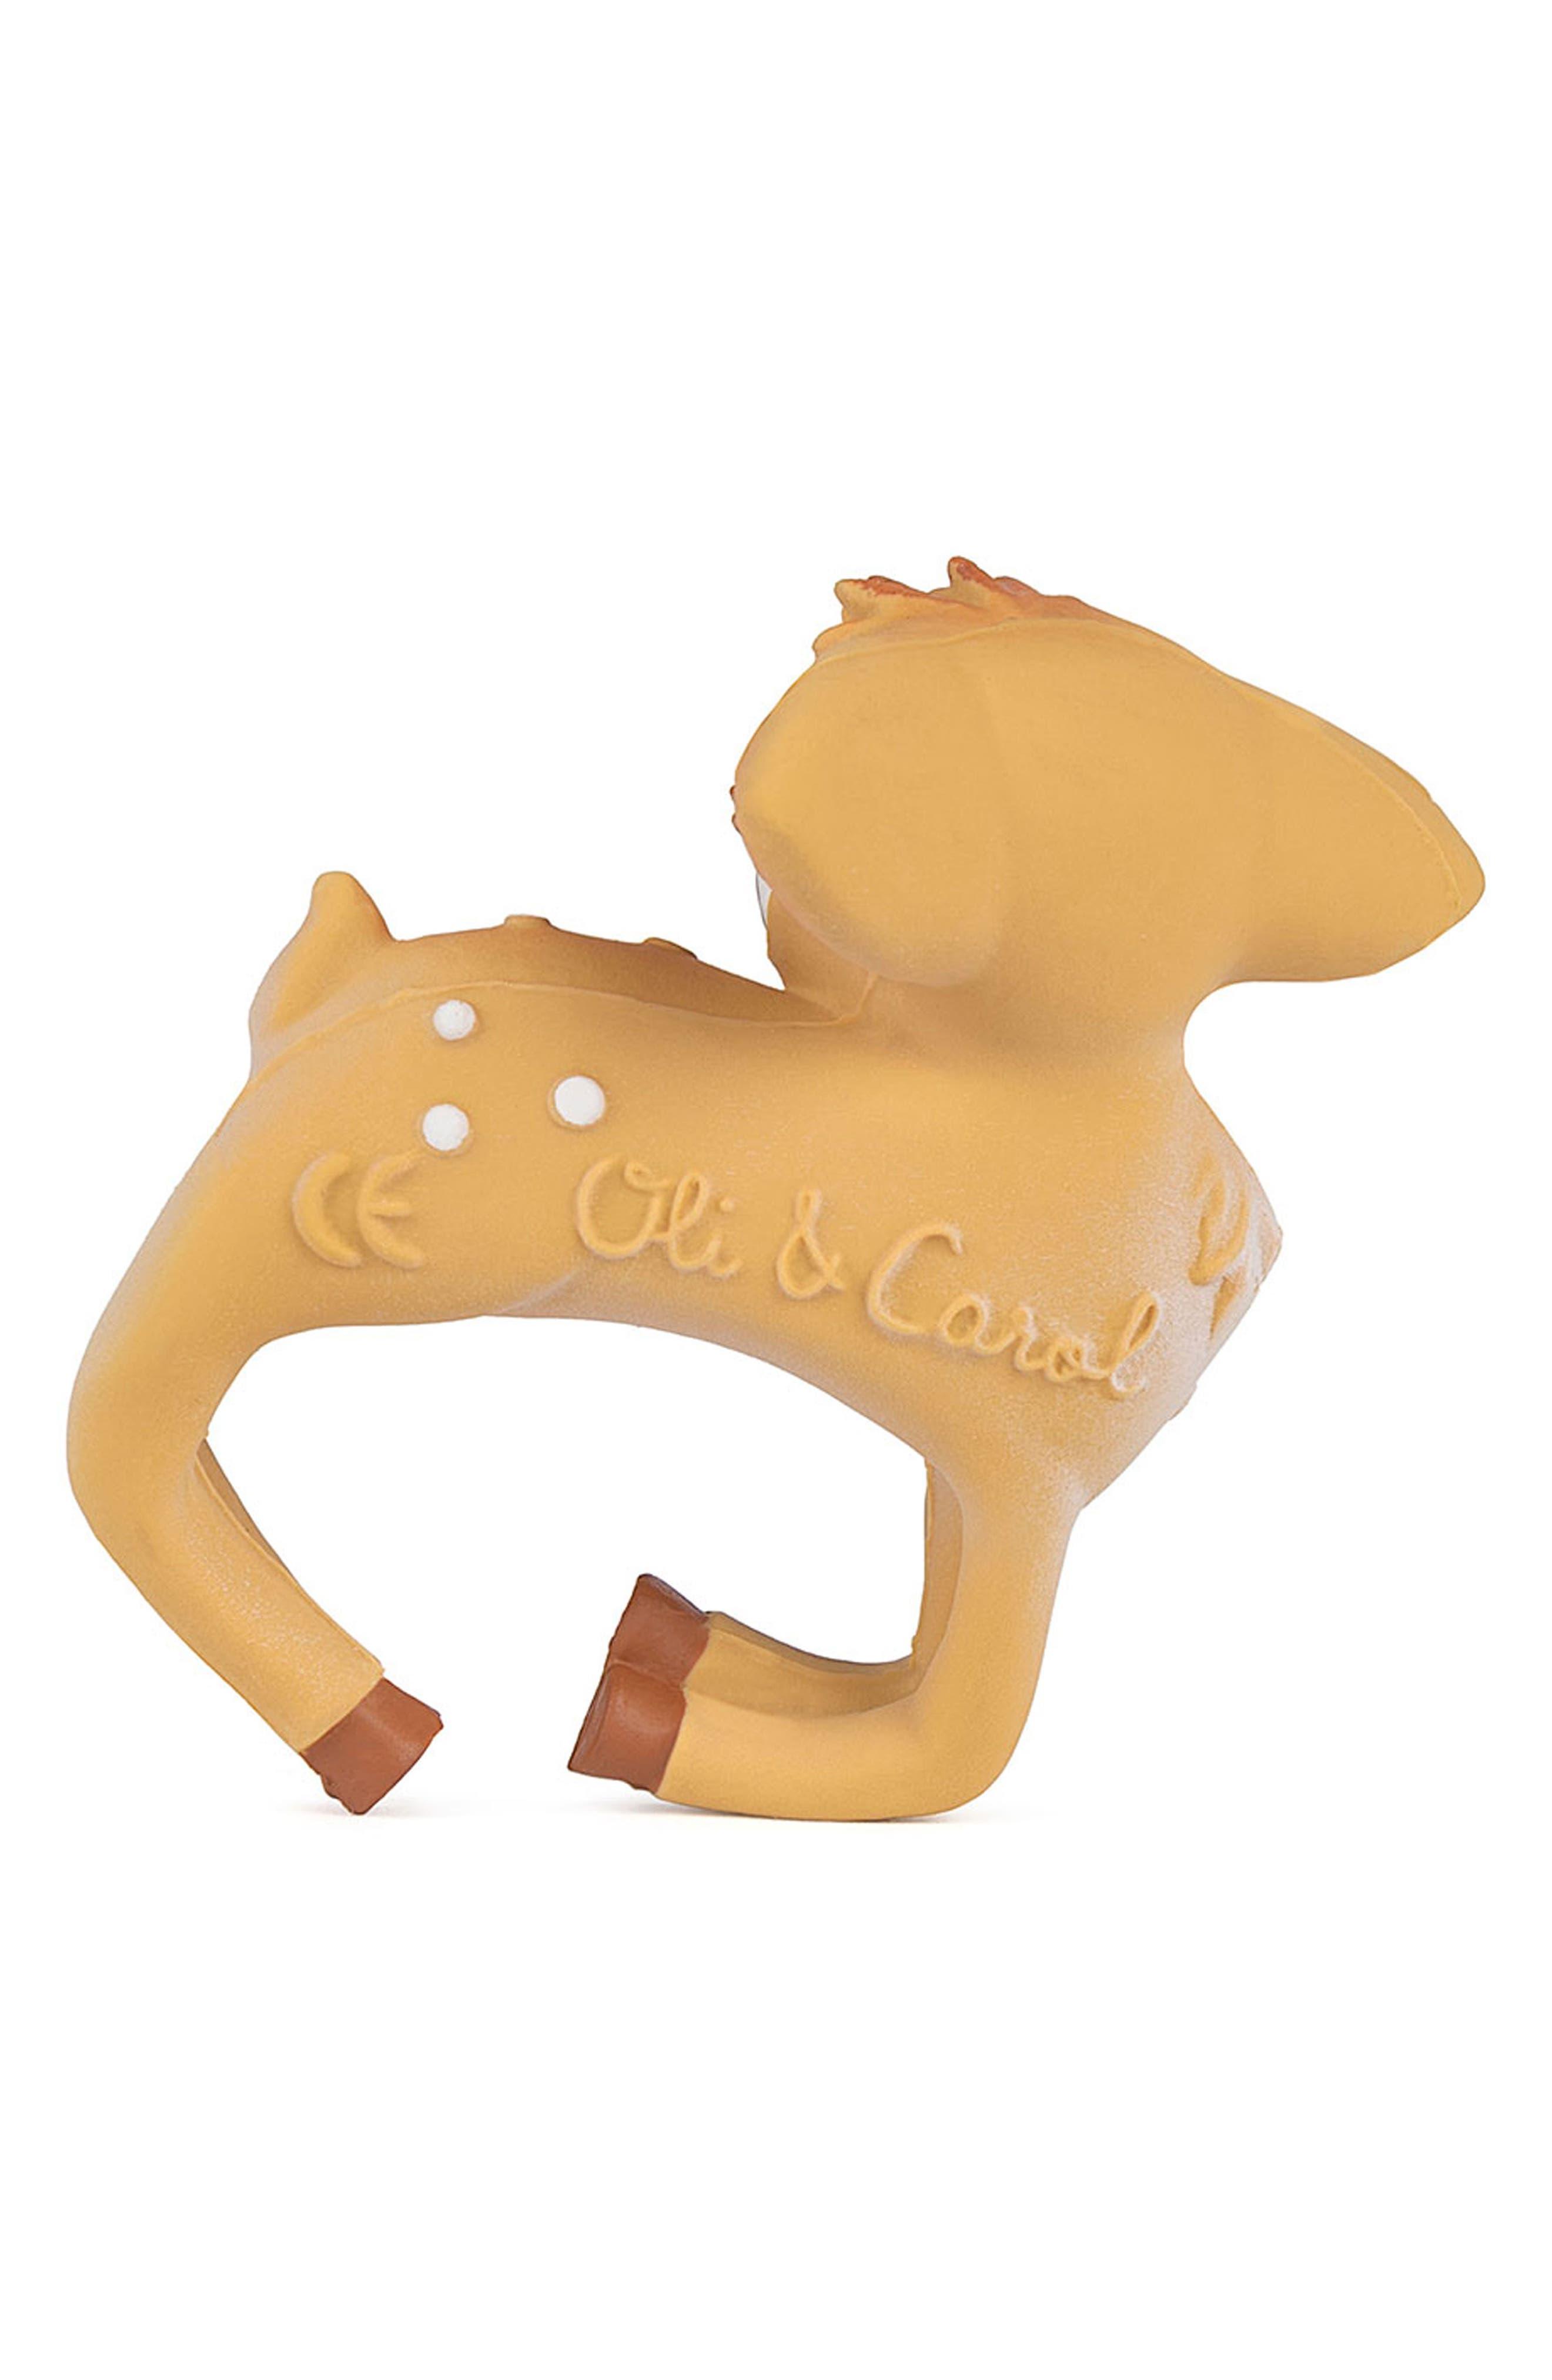 Olive the Deer Teething Bracelet,                             Alternate thumbnail 2, color,                             BROWN DEER BRACELET